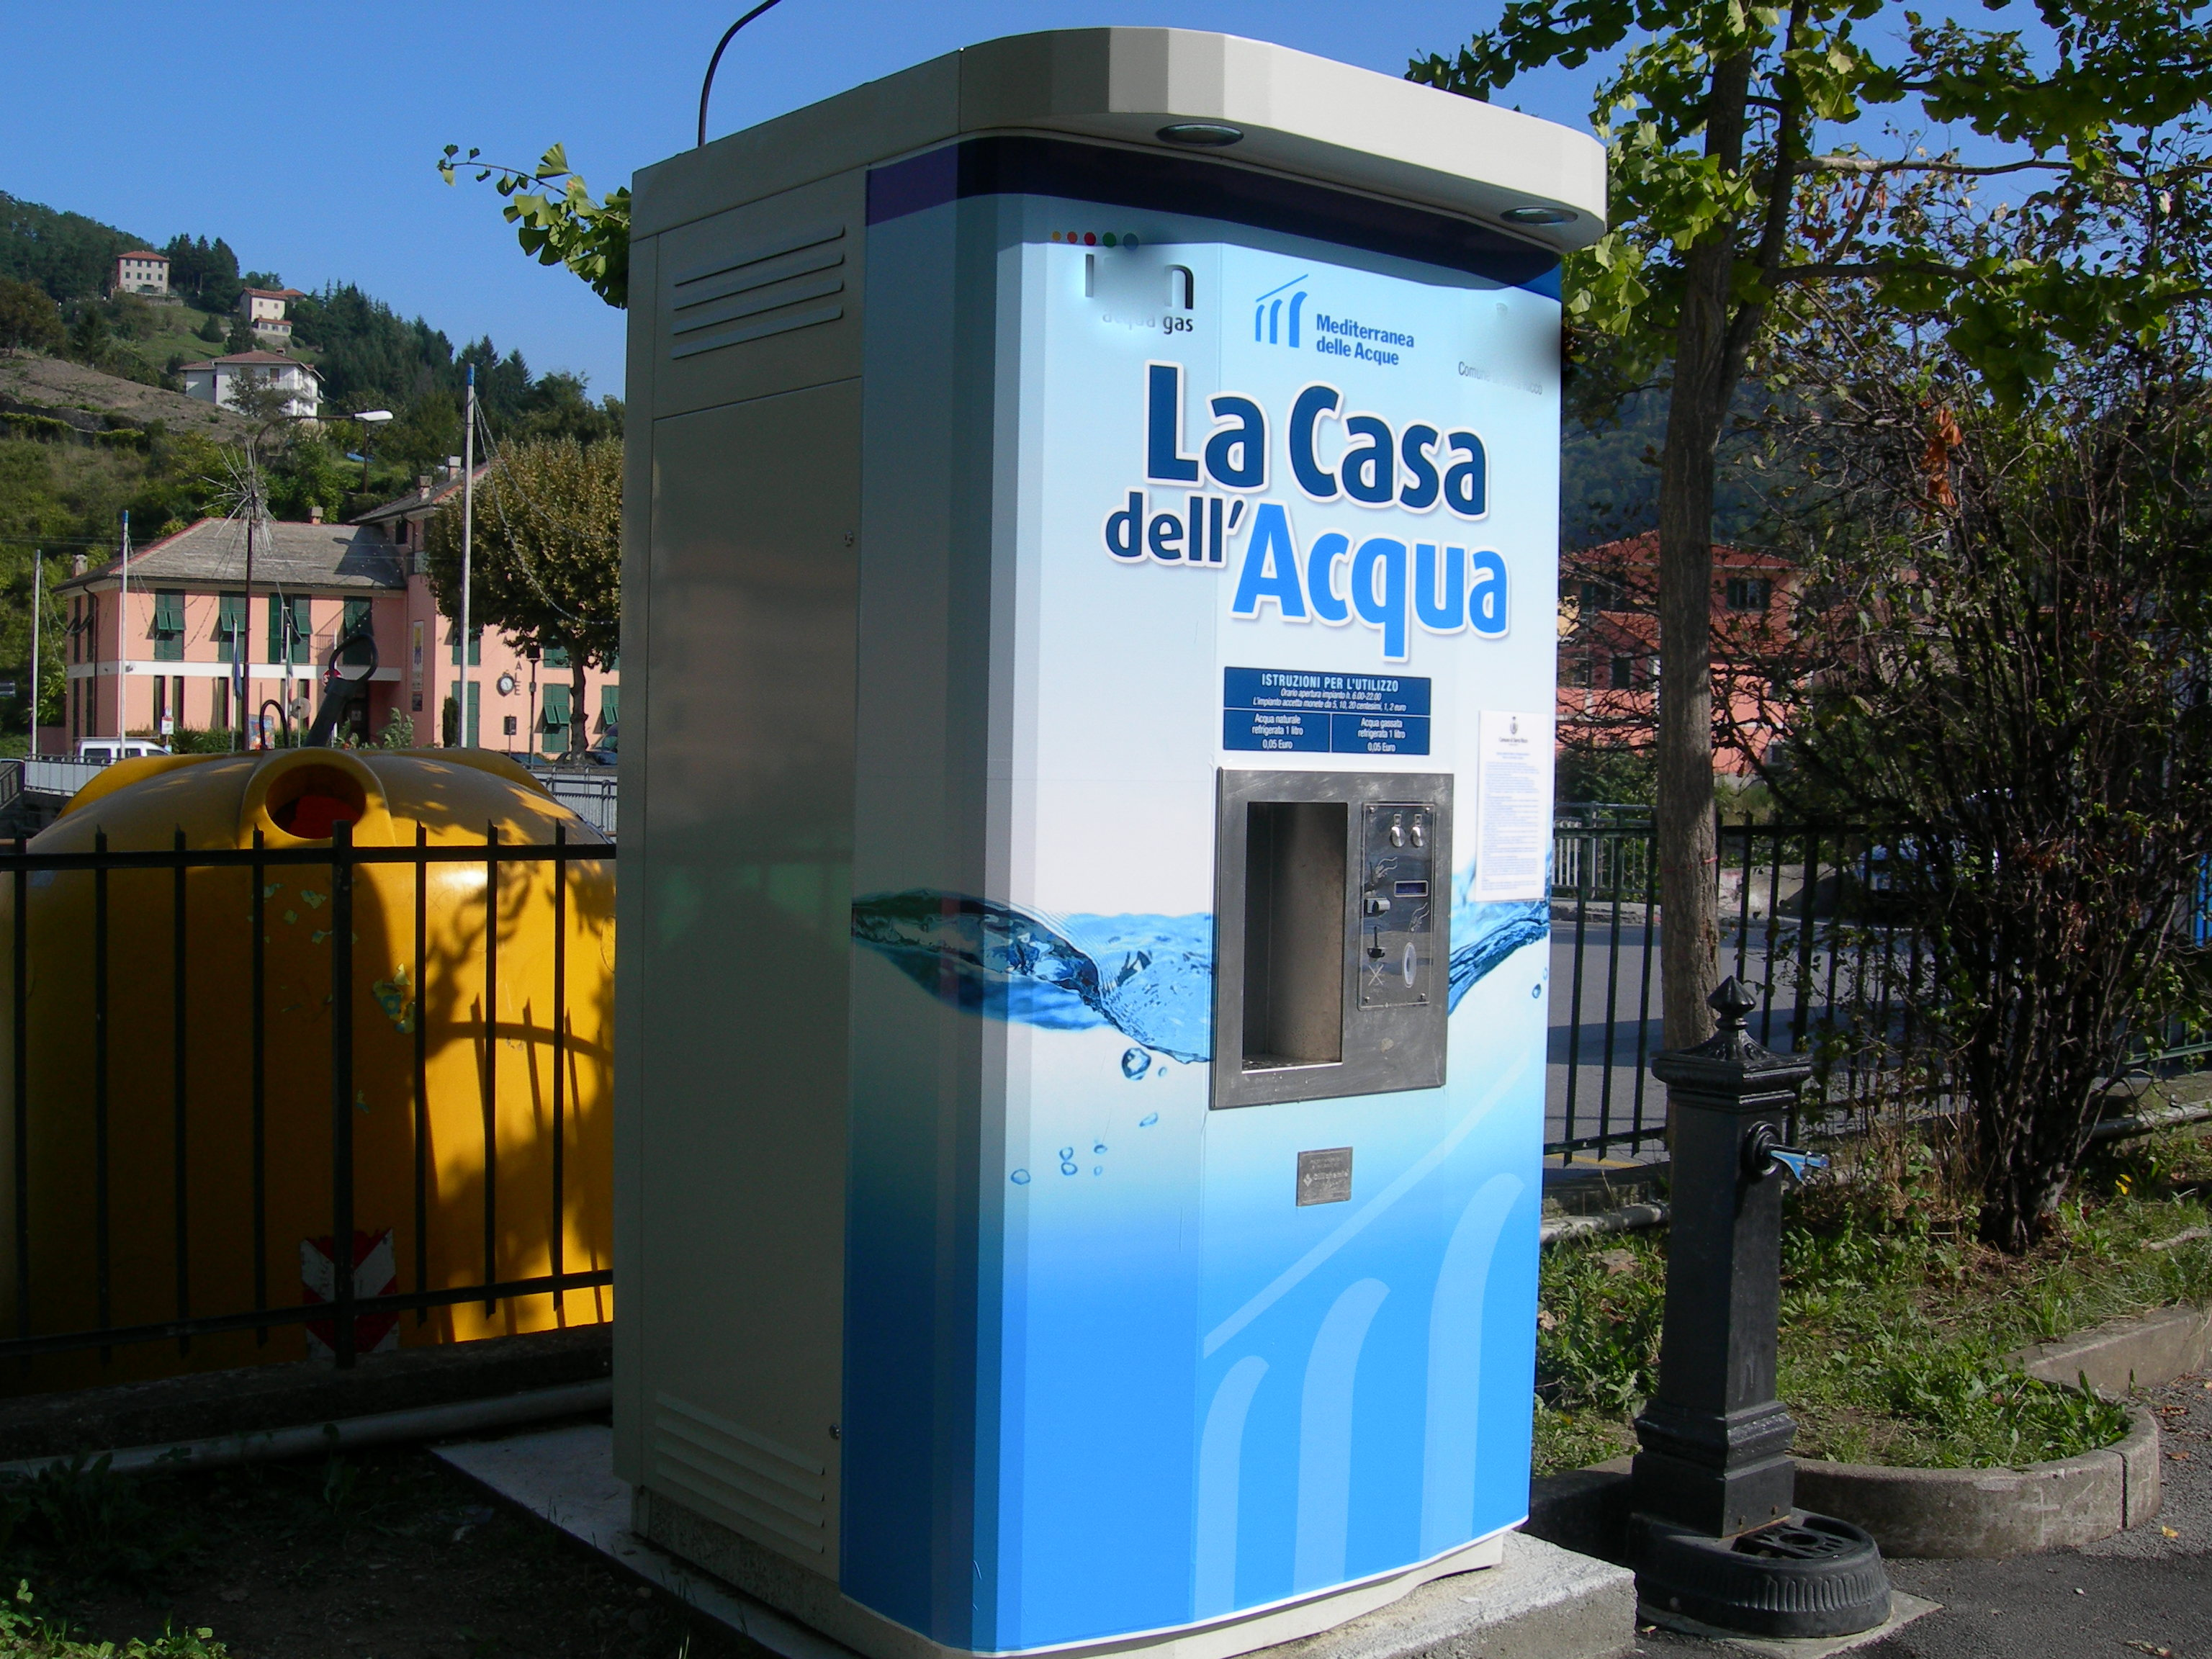 La casa dell 39 acqua a breve sar installata a vietri di potenza il progetto presentato dall - Depurare l acqua di casa ...